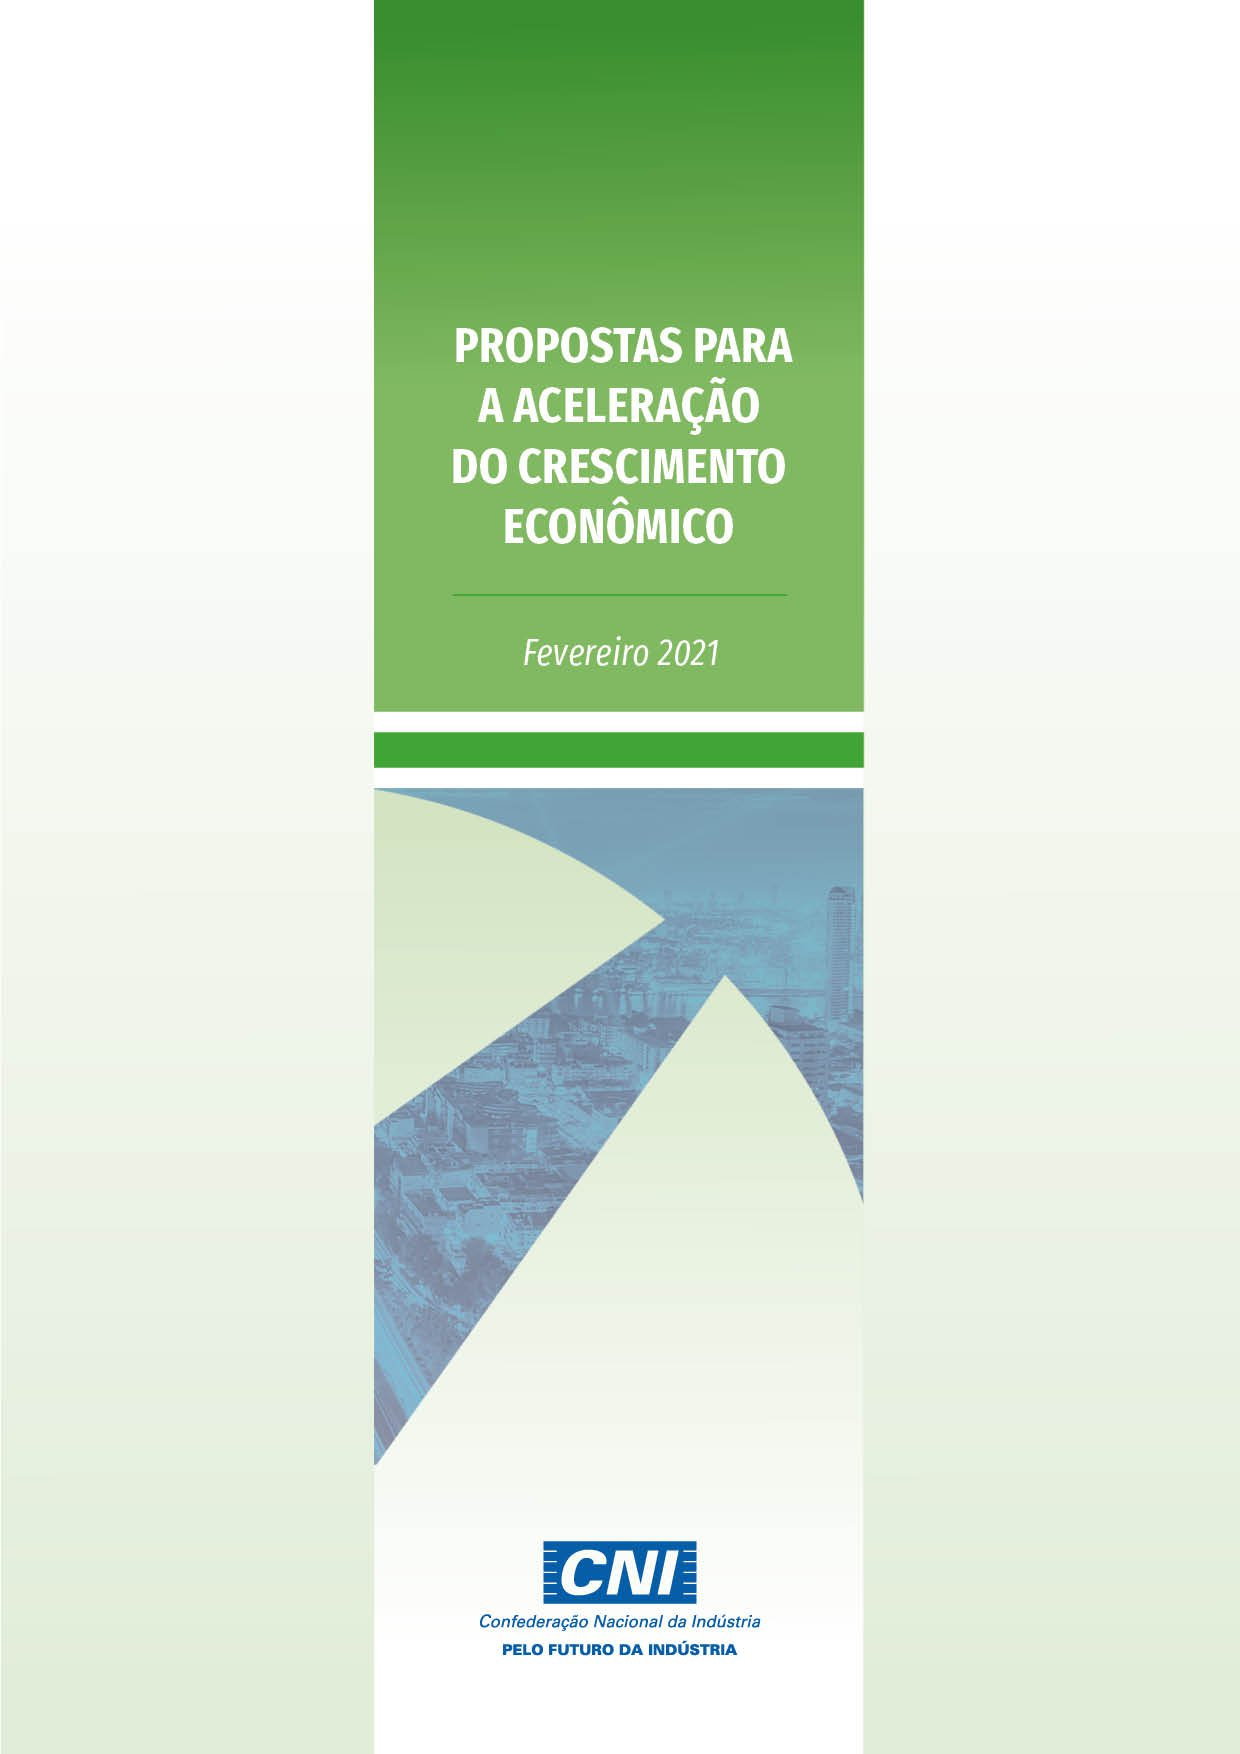 CAPA_Propostas_2021_final_com11_fev2021.jpg